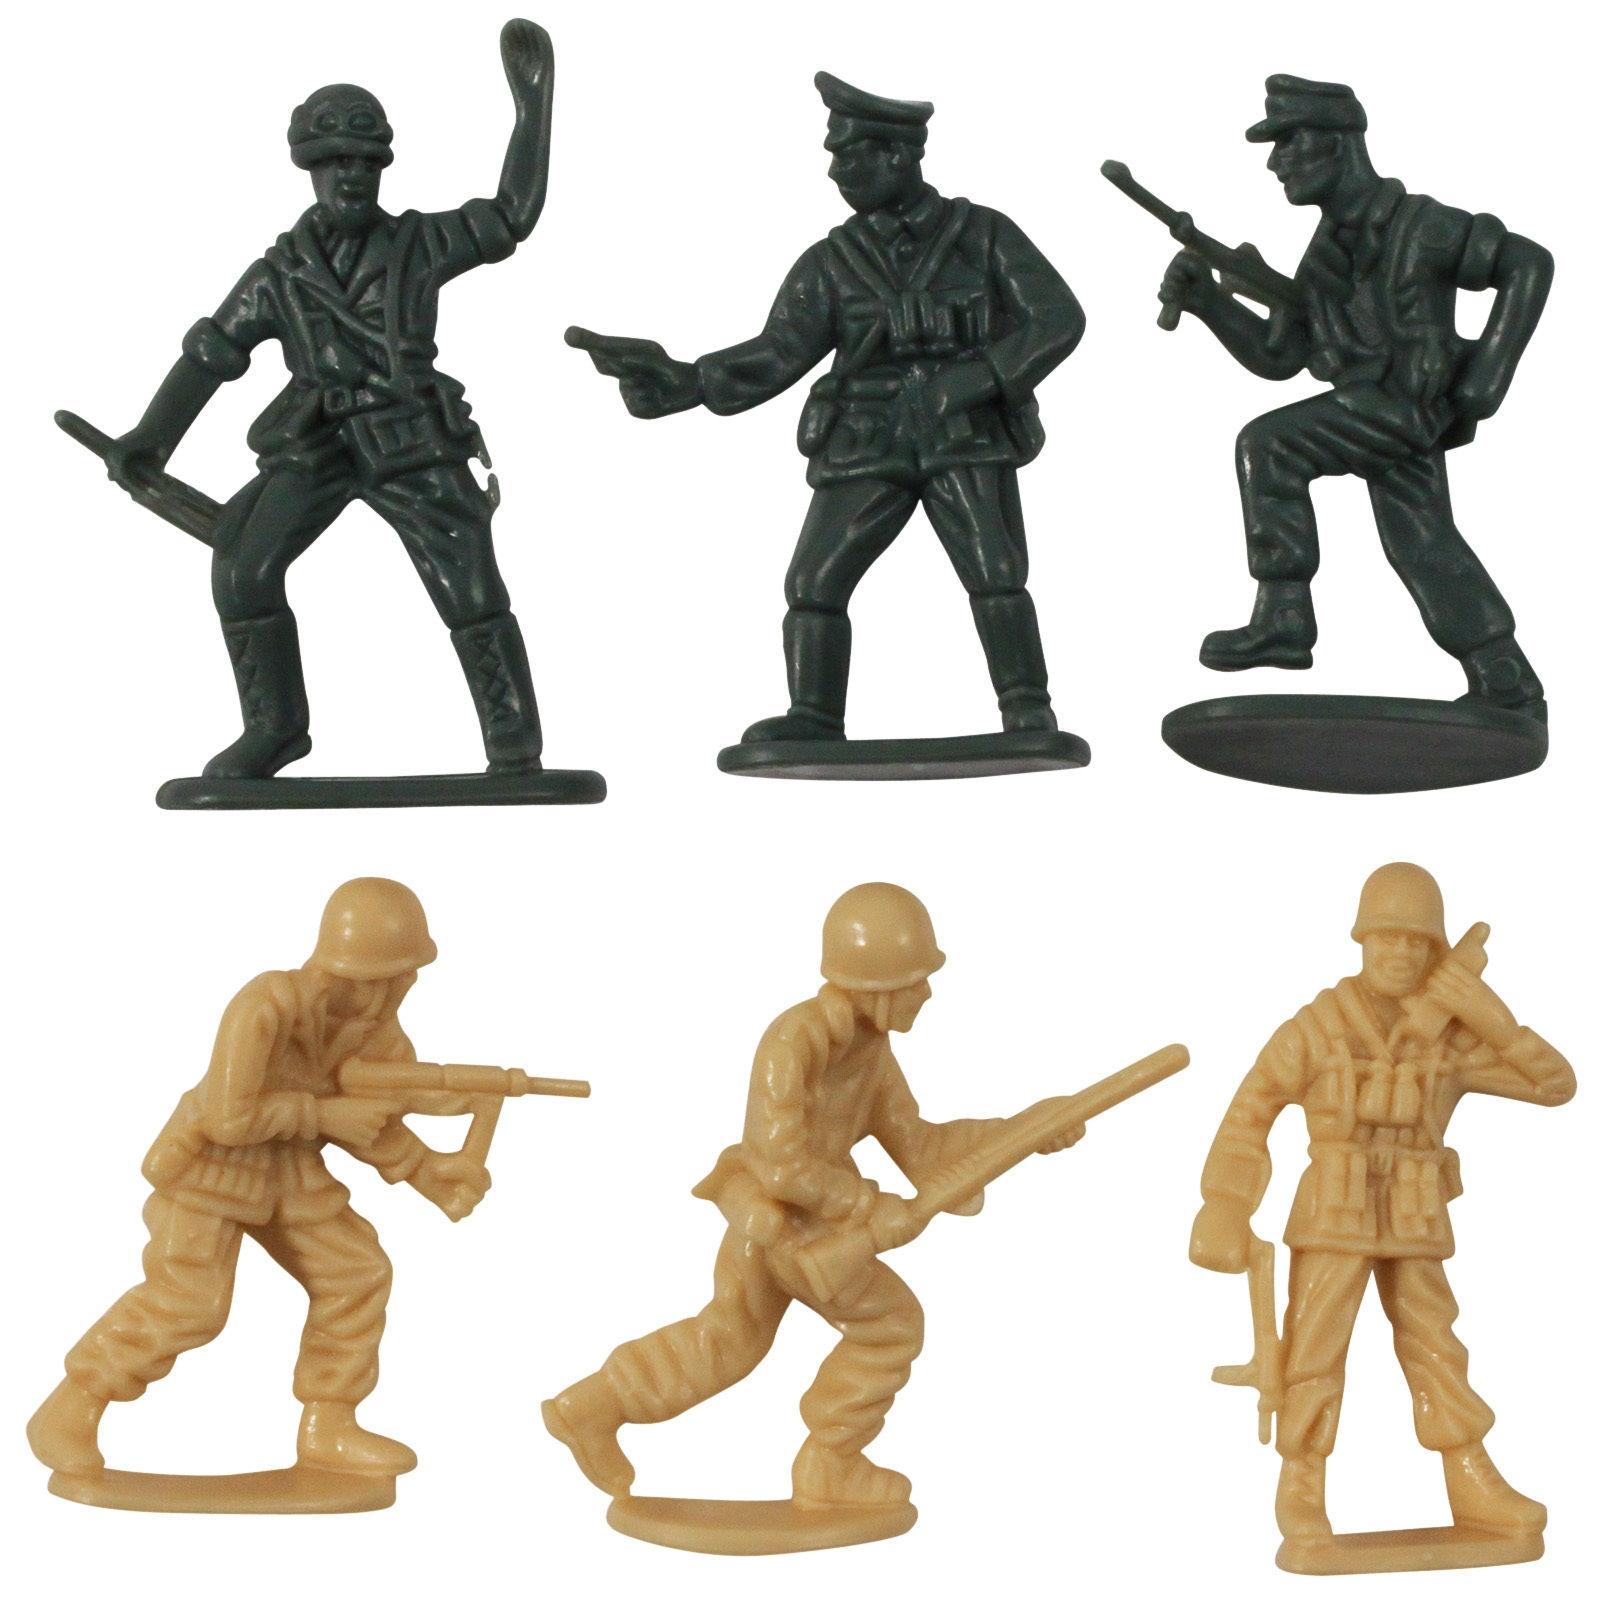 21pc Battle Dinosaur vs Army Men Combat Action Figure Kids Toy Play Set